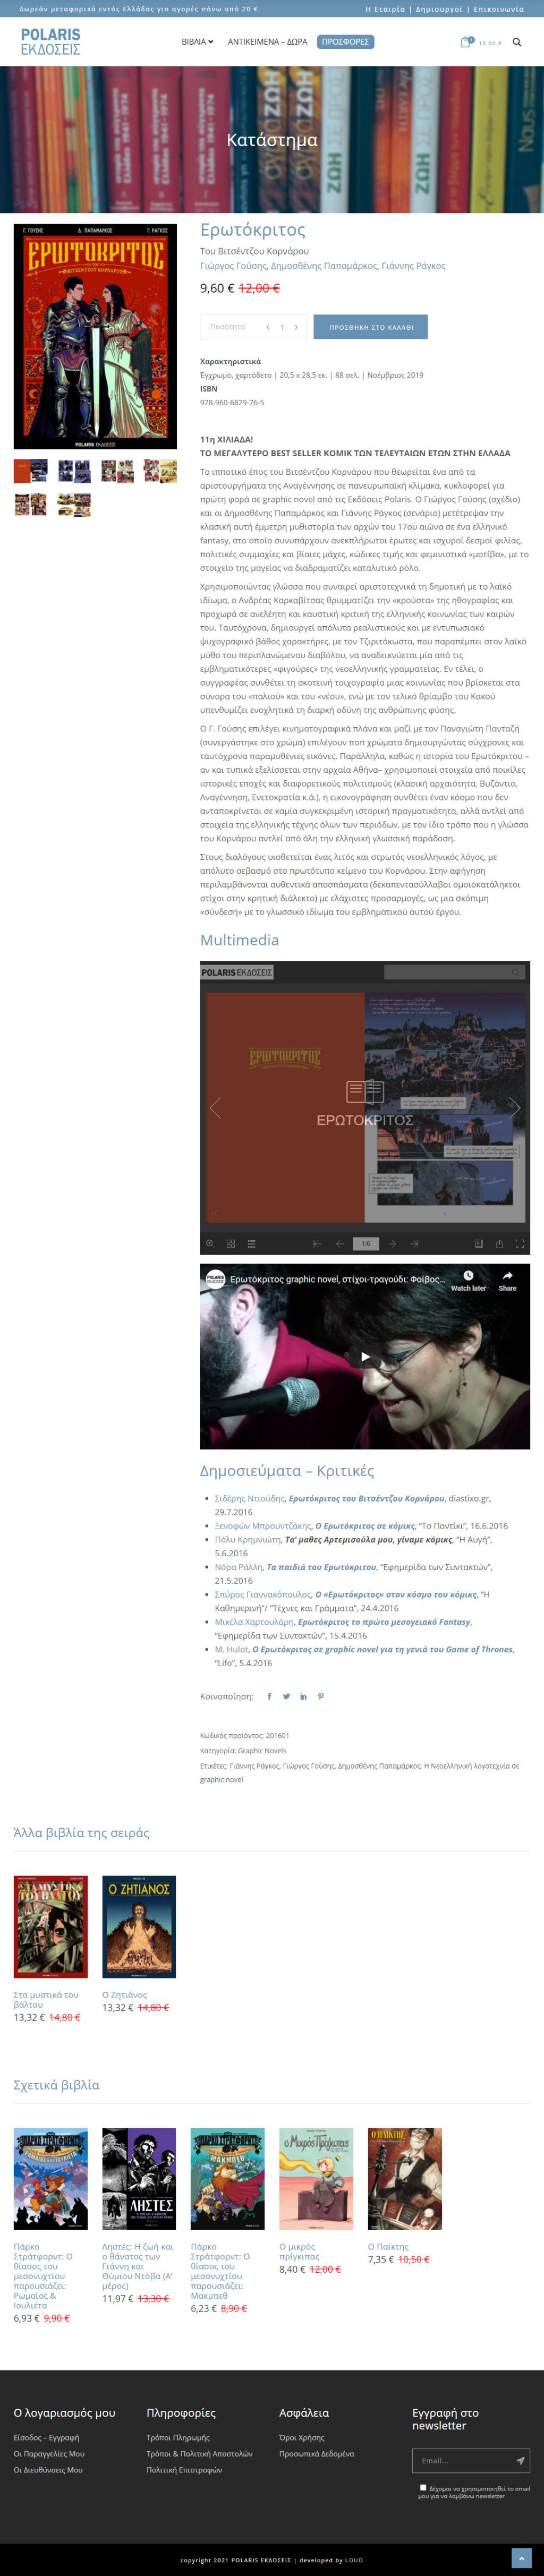 loud web communications Polaris Publications